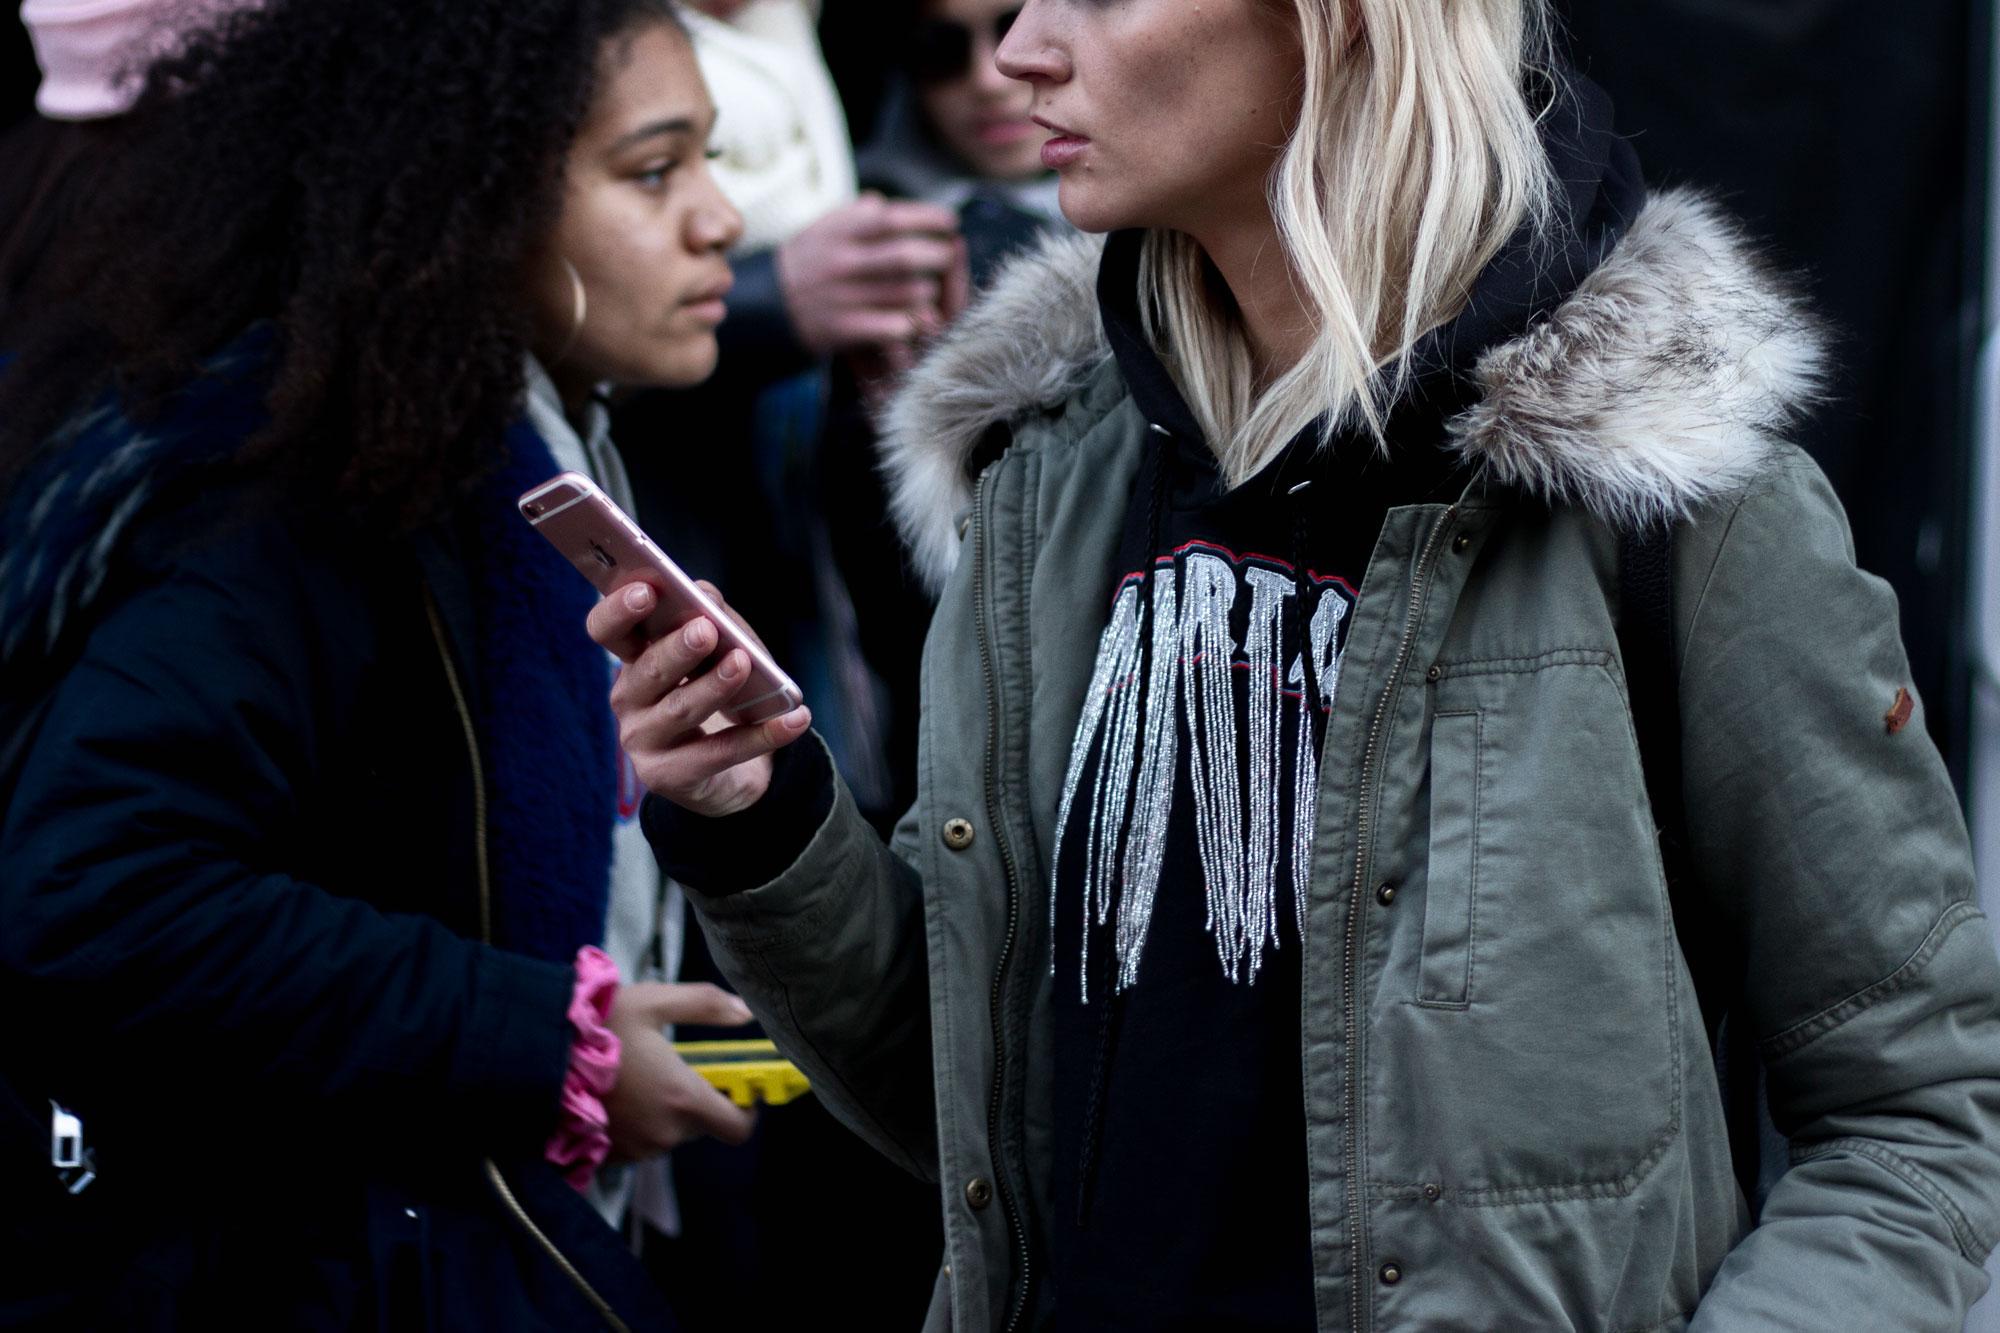 street style nyfw new york moda honduras jose vargas blog blogger estilo estllismo calle moda fashion style street mode jose vargas tegucigalpa calle pasarela semana de la moda THE STREET SPEECH